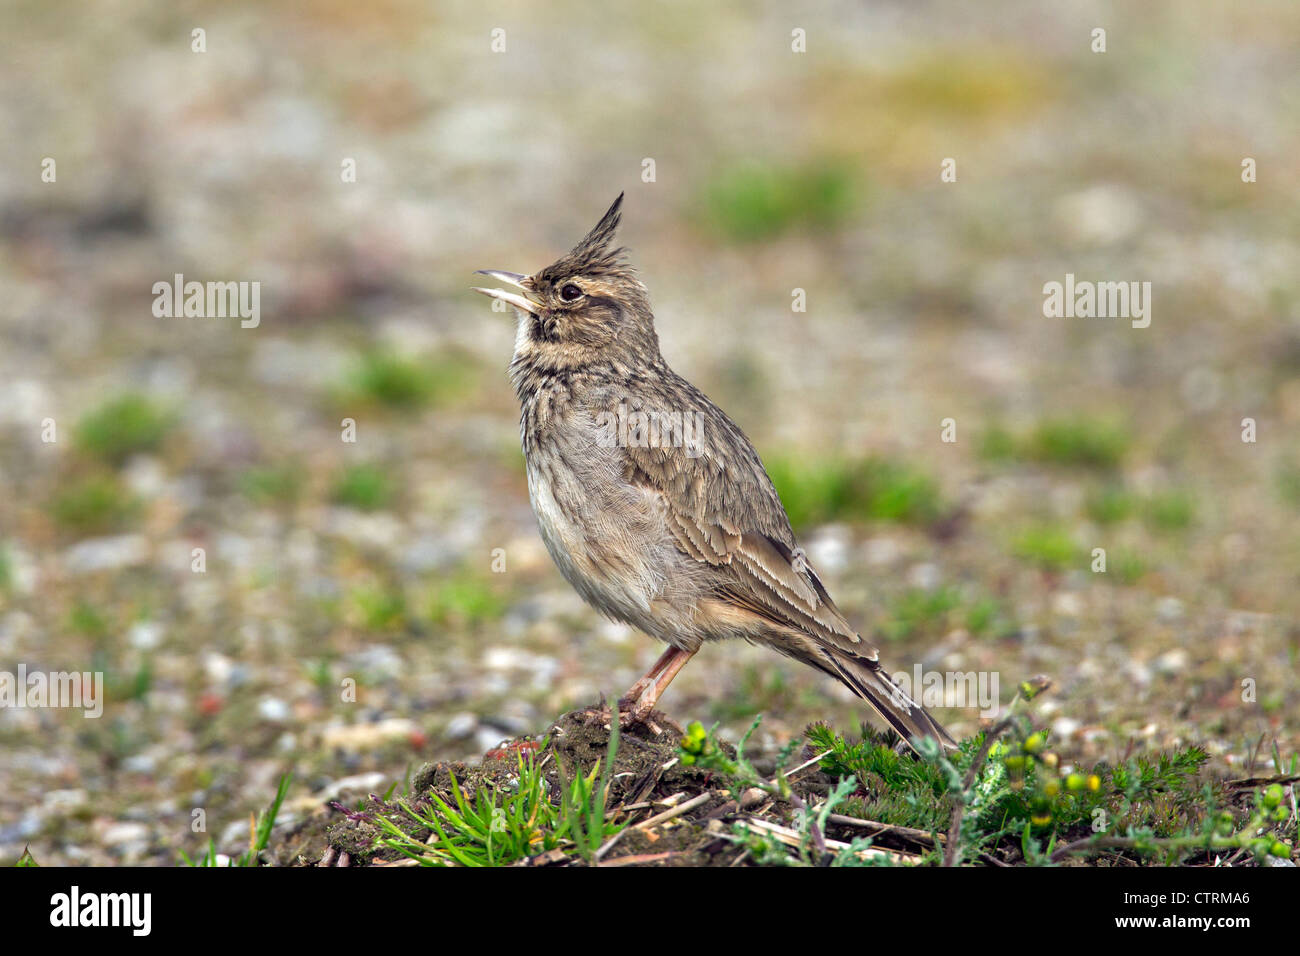 Galerida cristata Crested lark (mâle) assis sur le sol et l'appel, Allemagne Photo Stock